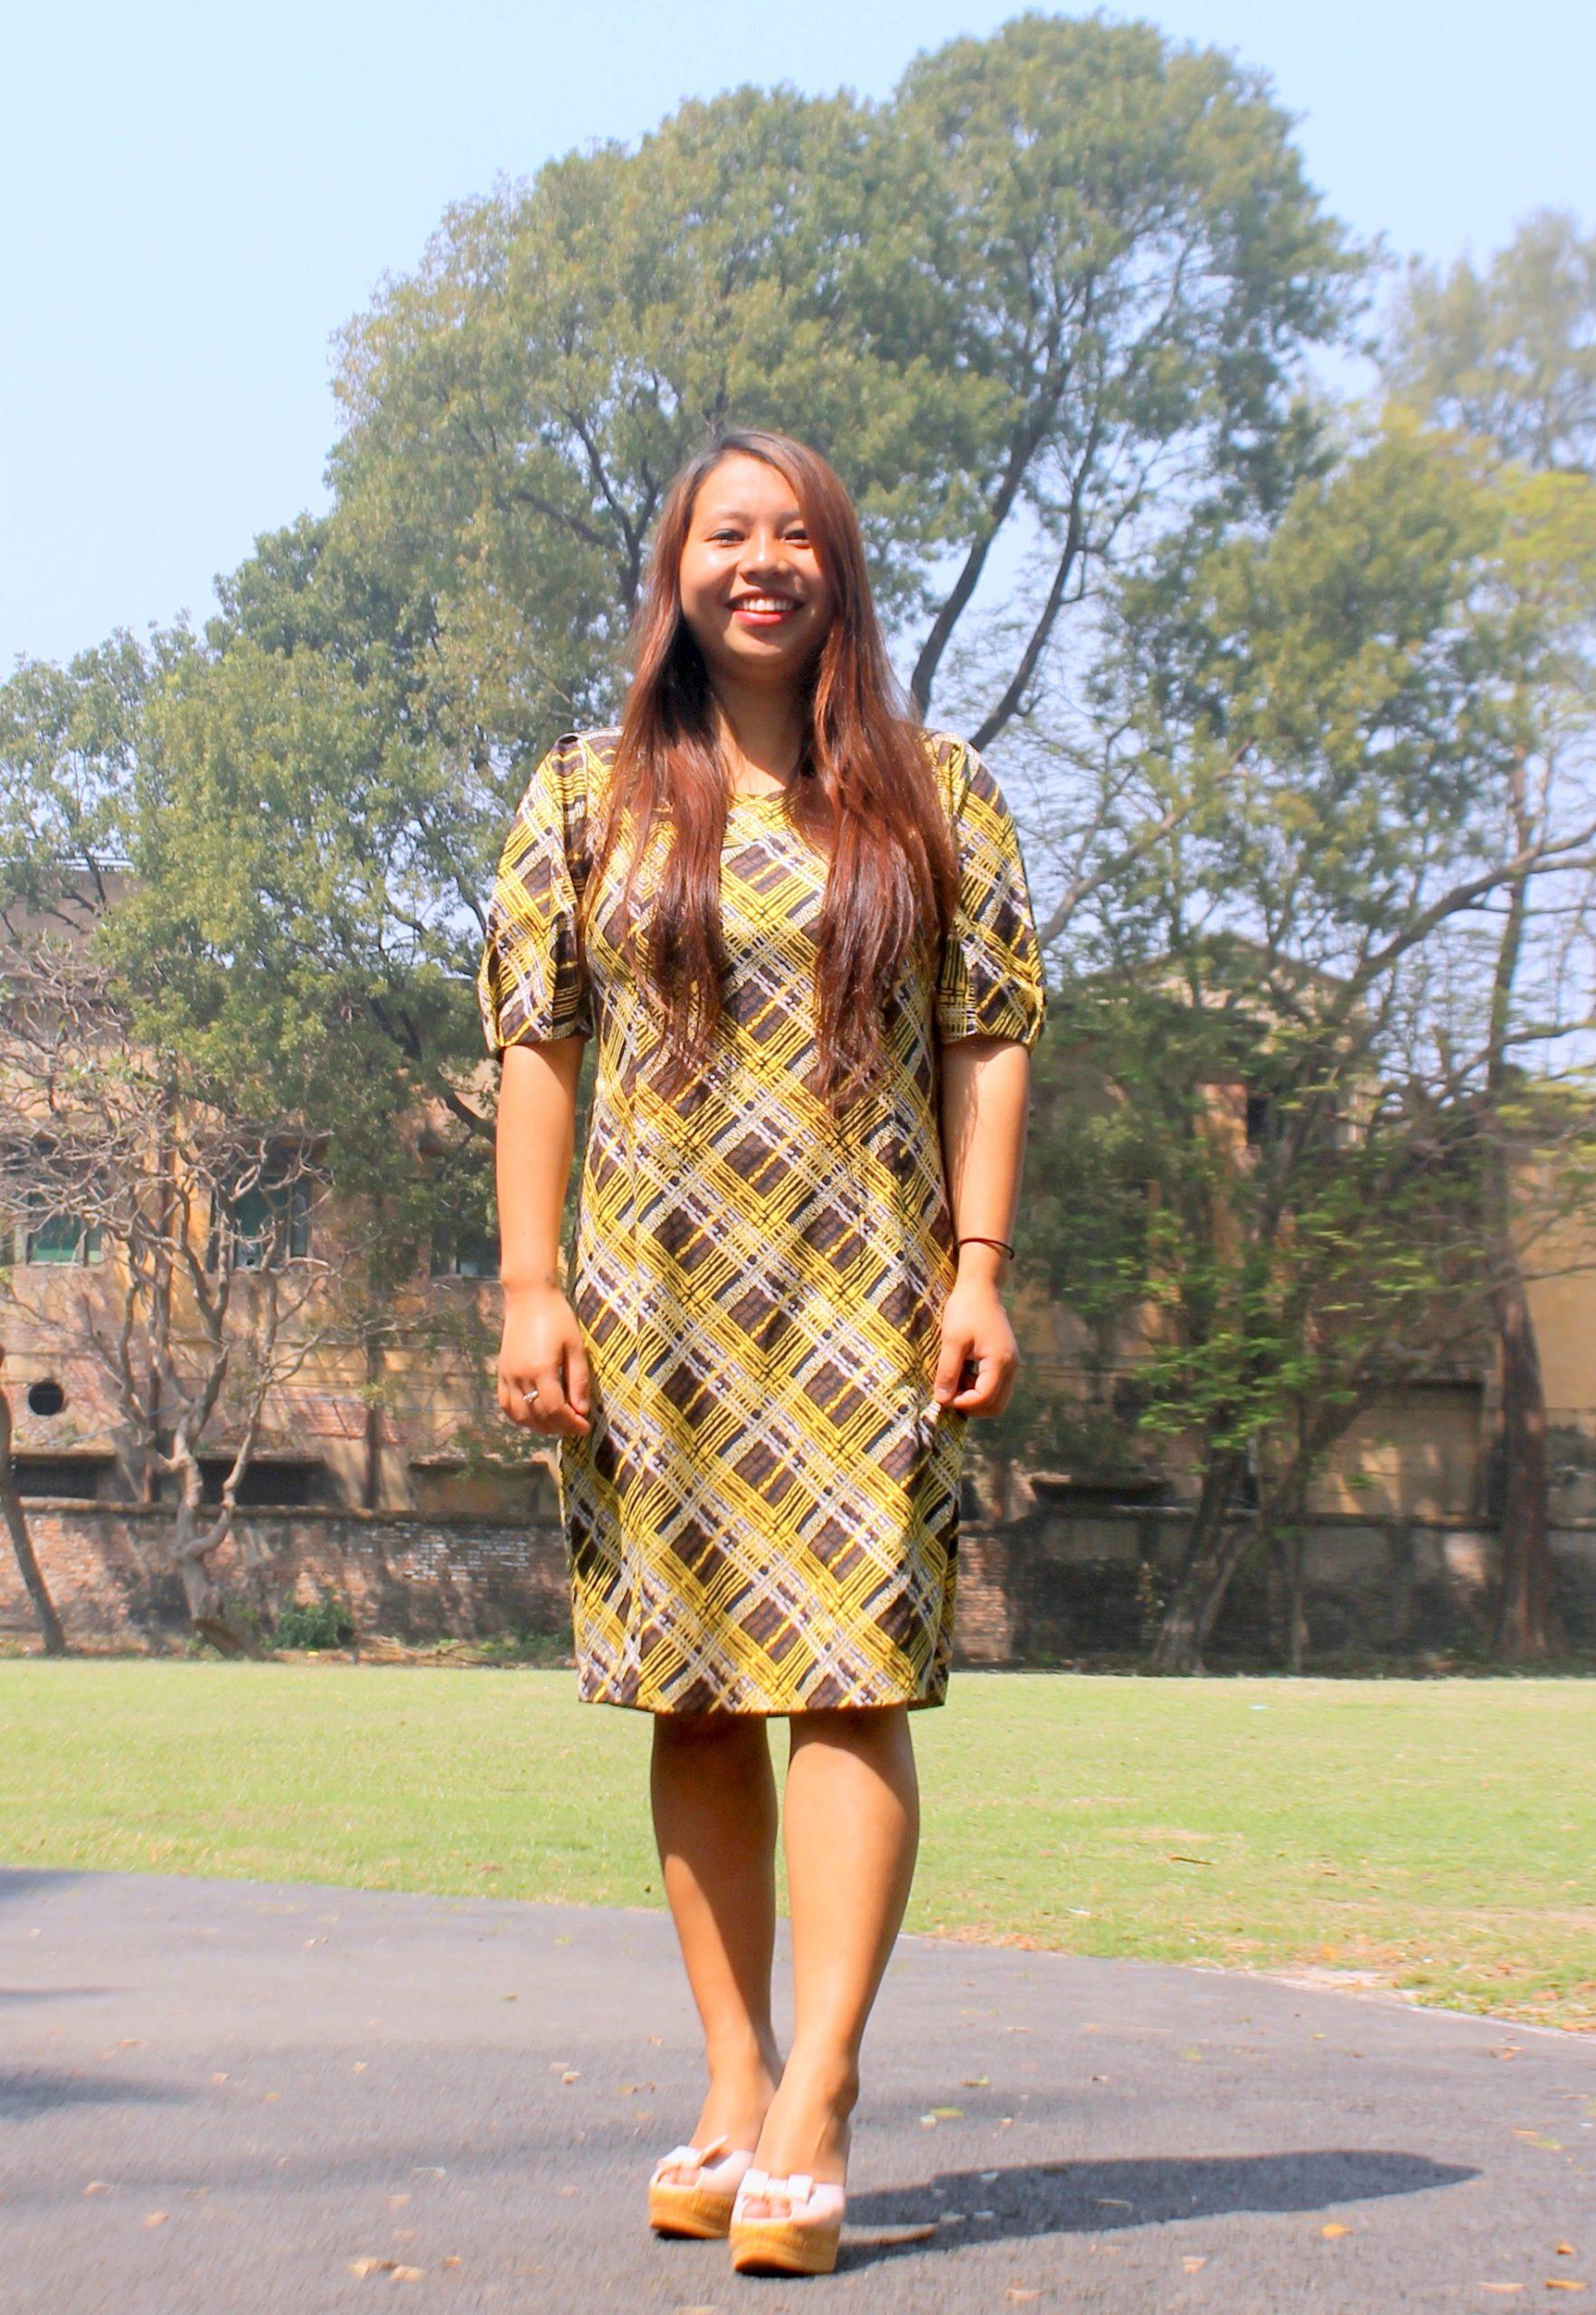 Girl posing while smiling